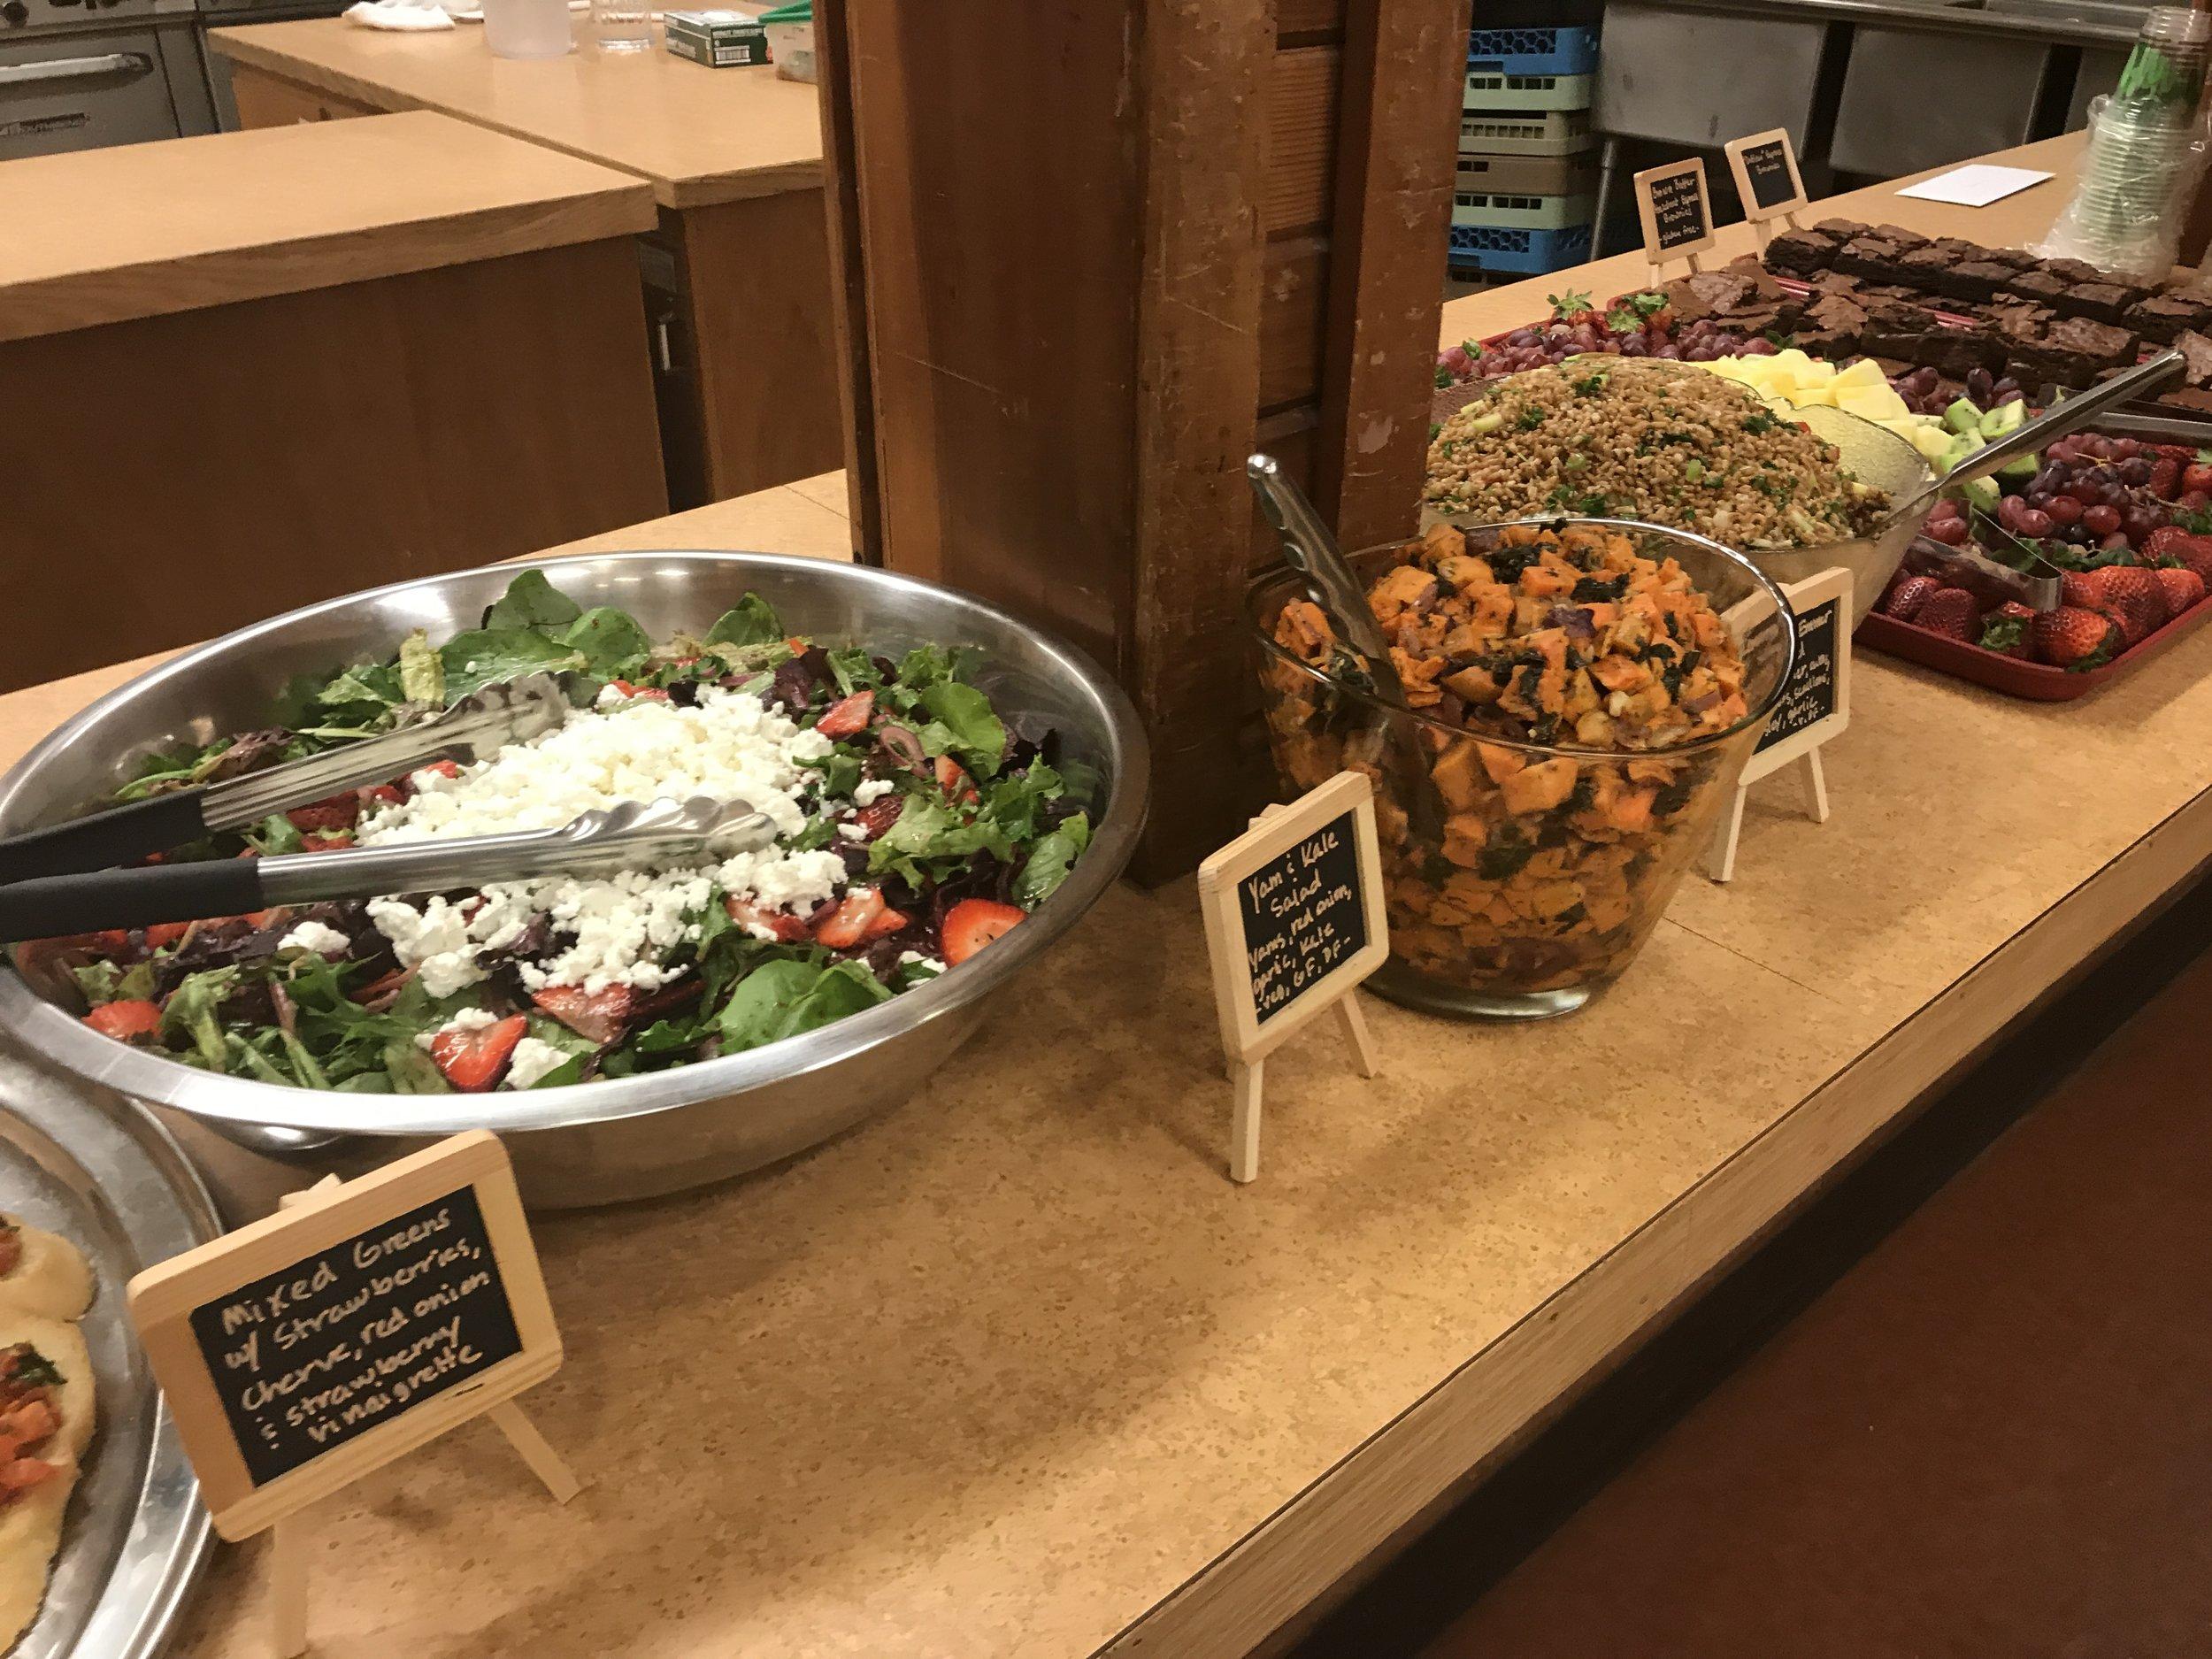 Salads abound!